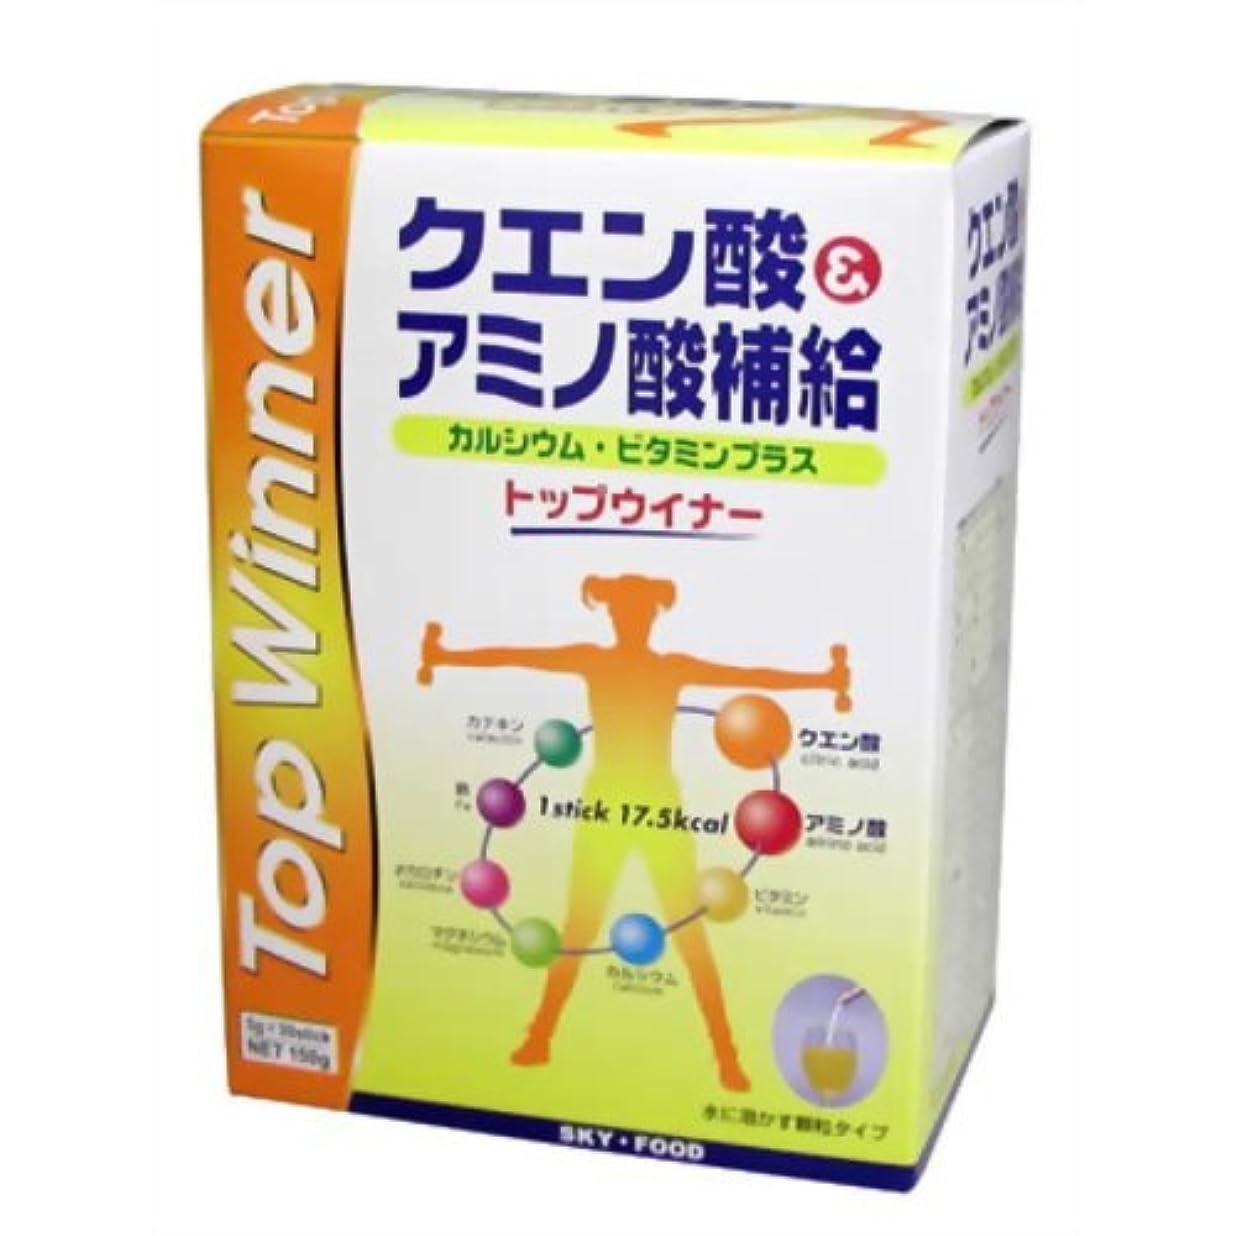 合意スペアレジデンスクエン酸&アミノ酸補給 トップウィナー 5g×30袋